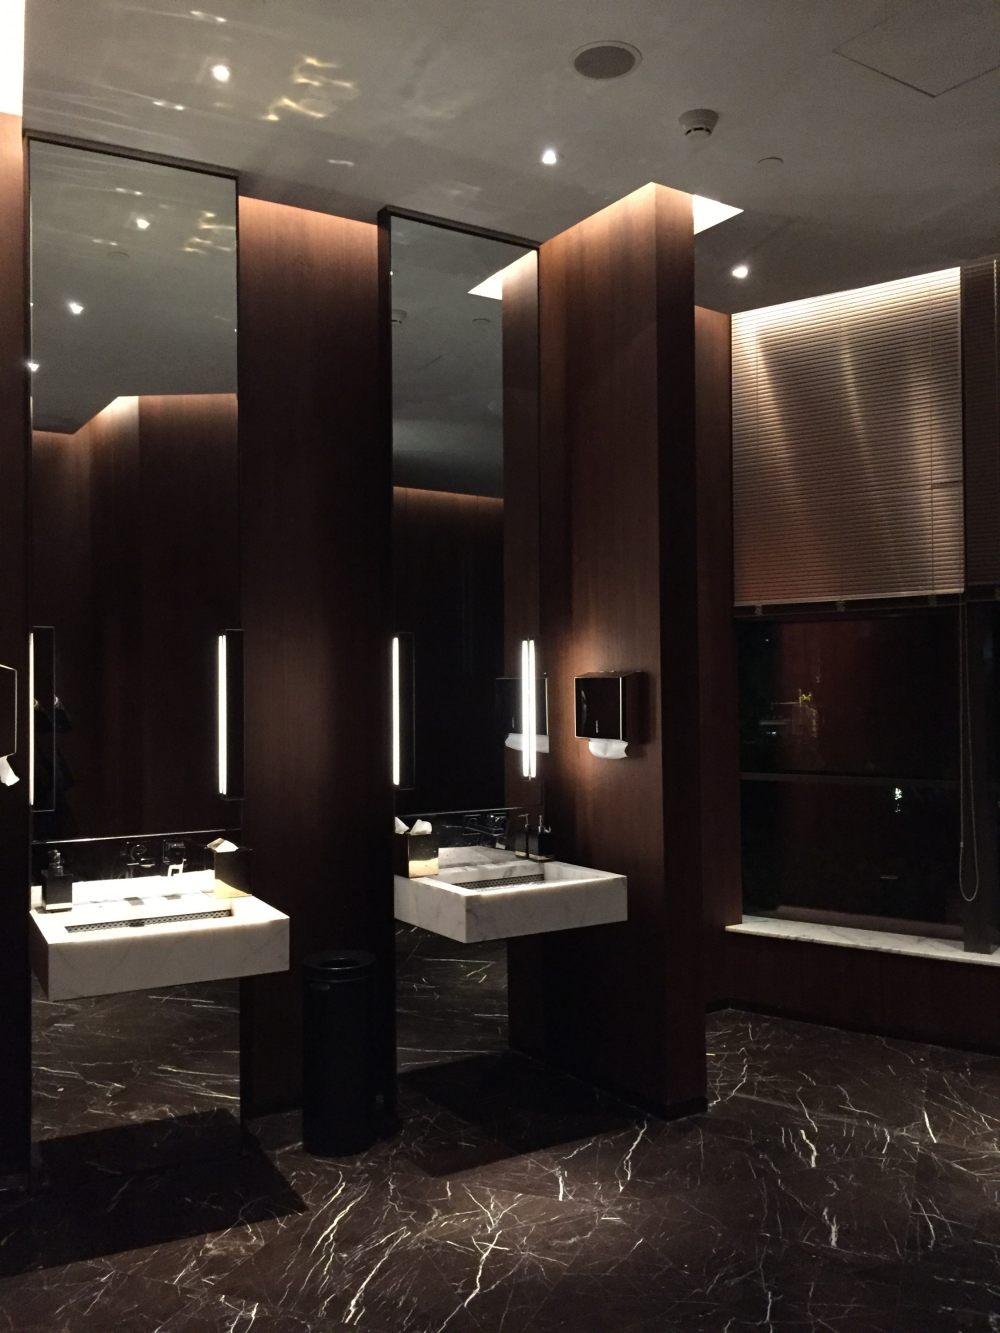 上海外滩W酒店,史上最全入住体验 自拍分享,申请置...._IMG_6060.JPG